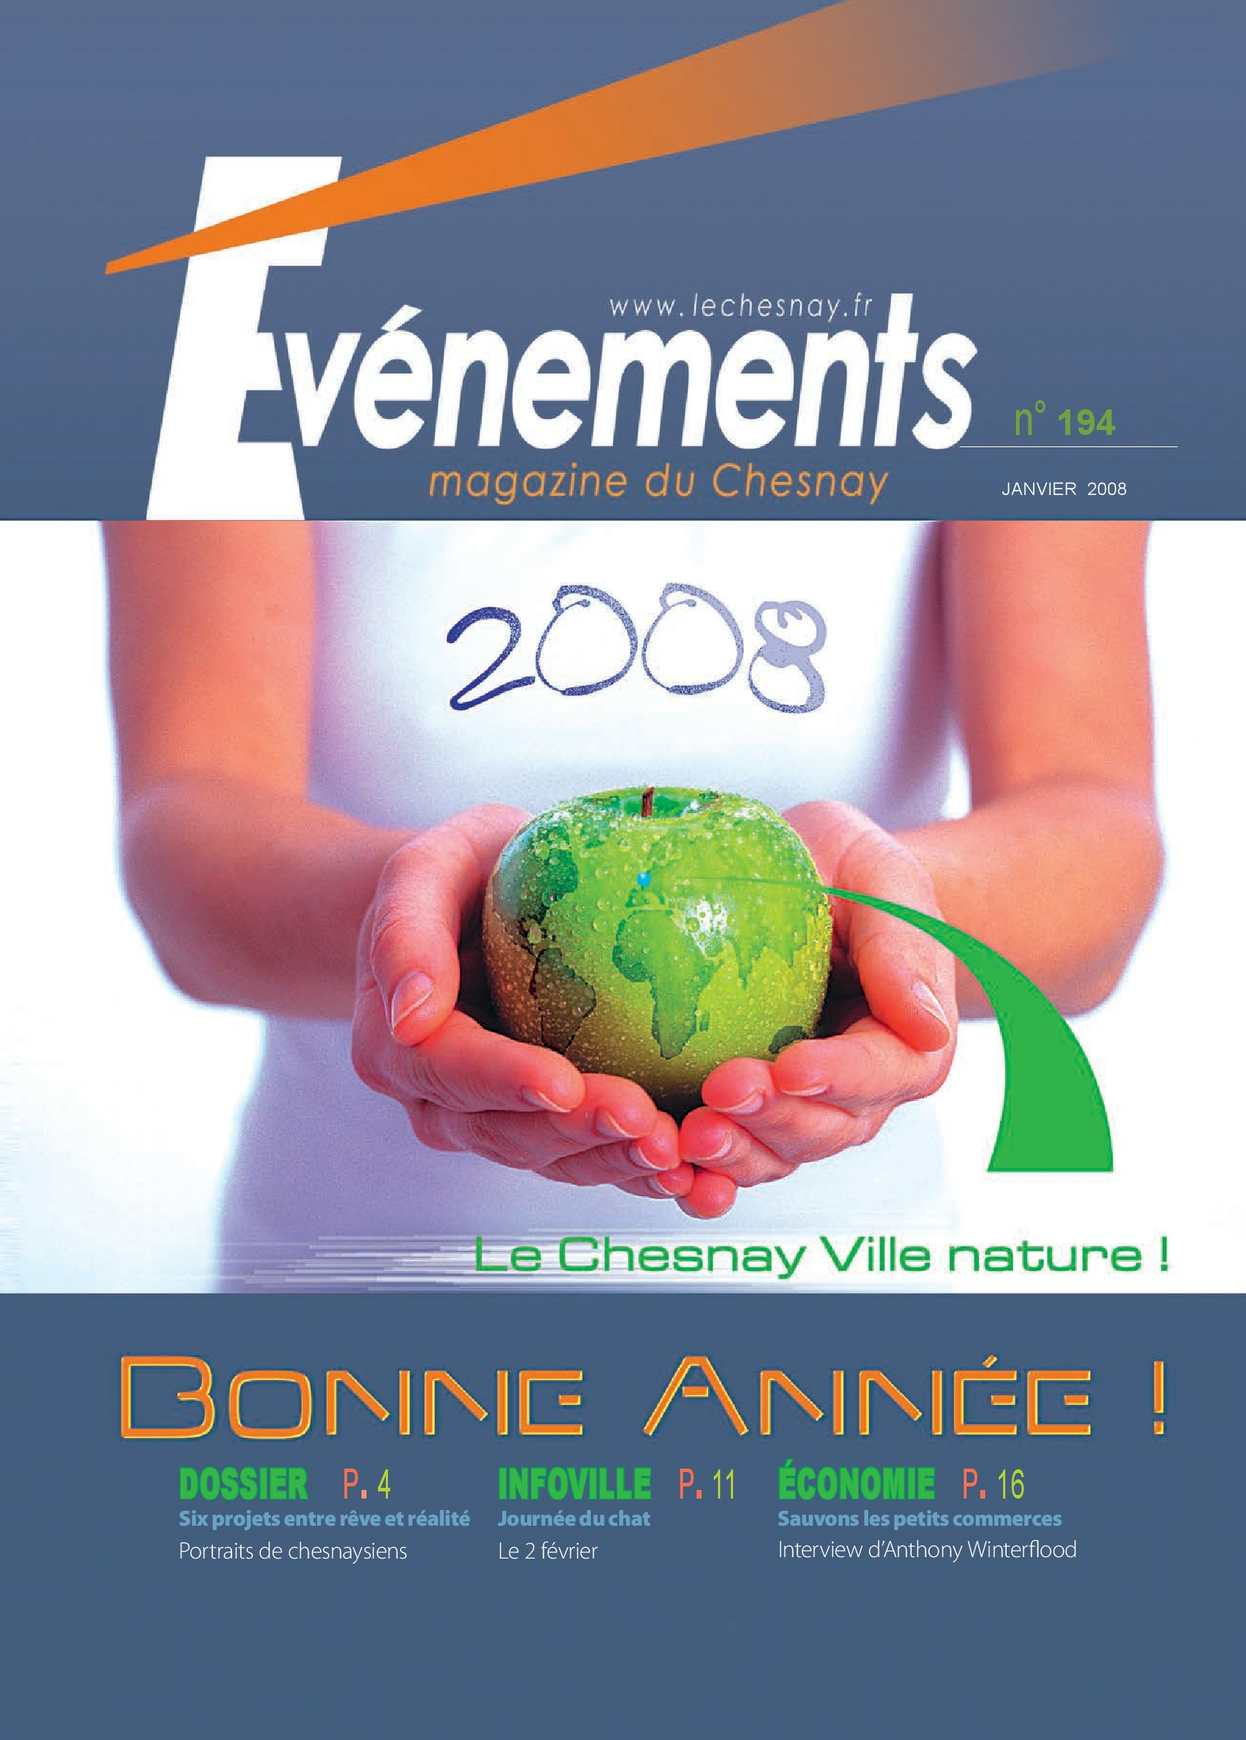 Le Rendez Vous Enchanté Le Chesnay calaméo - evènements n° 194